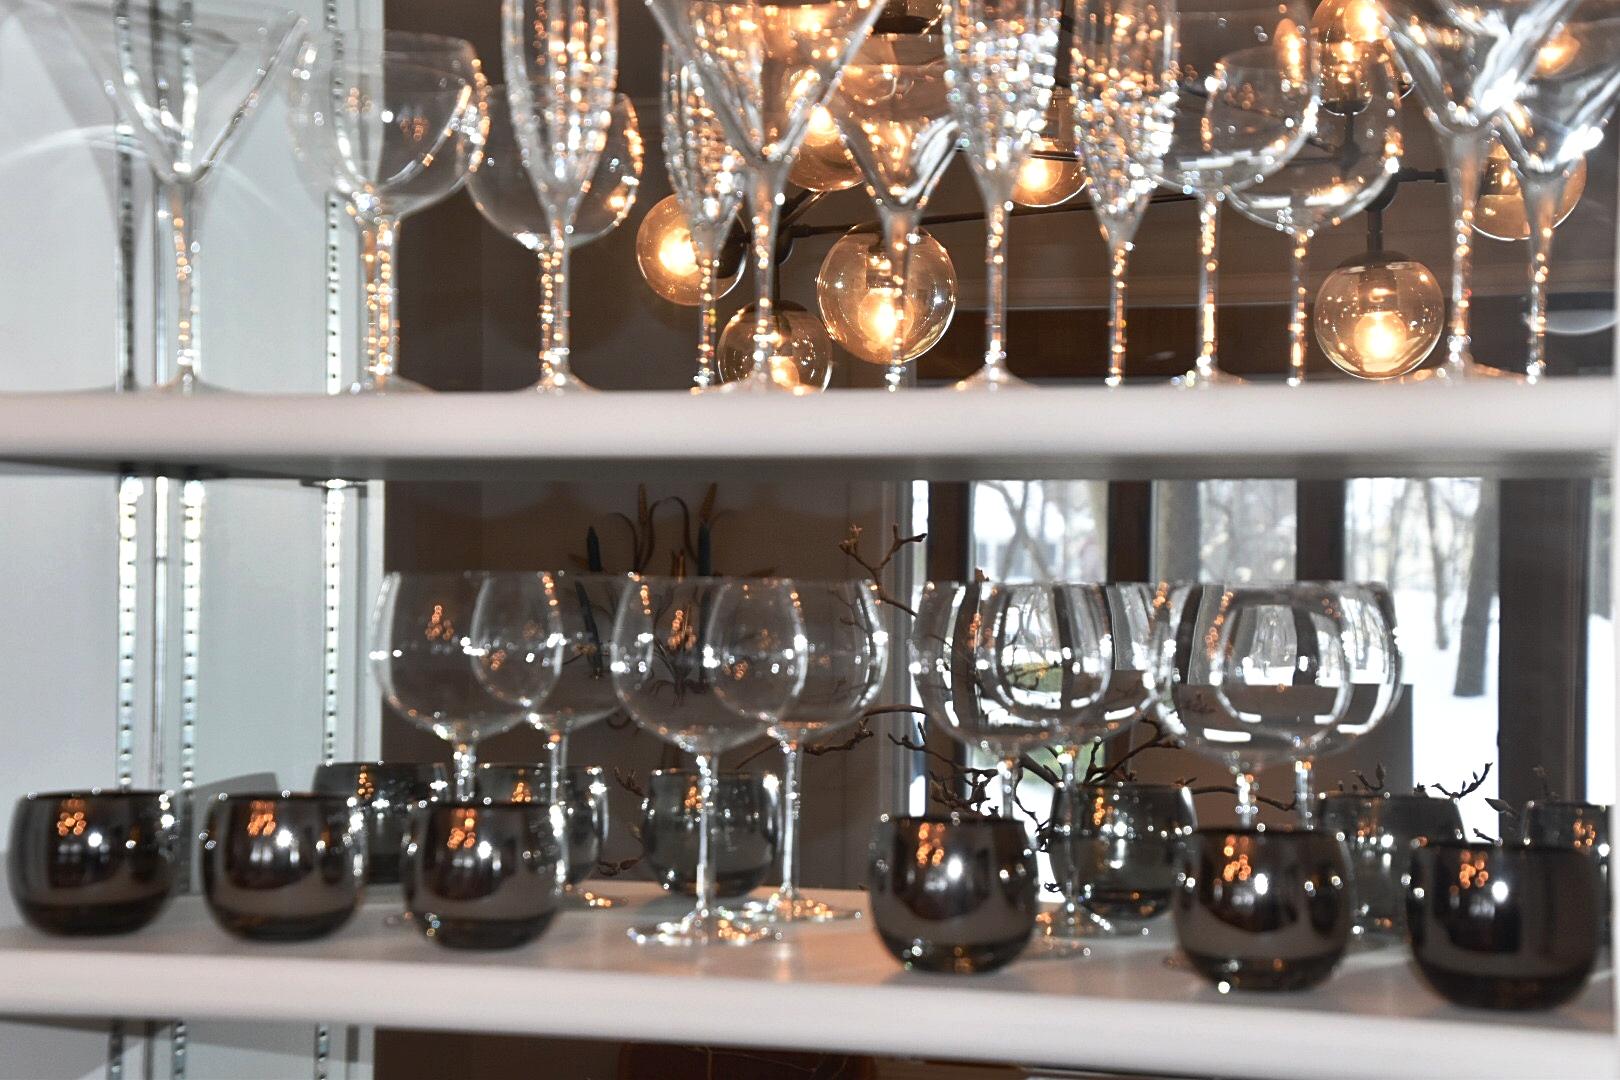 Our pretty glassware...